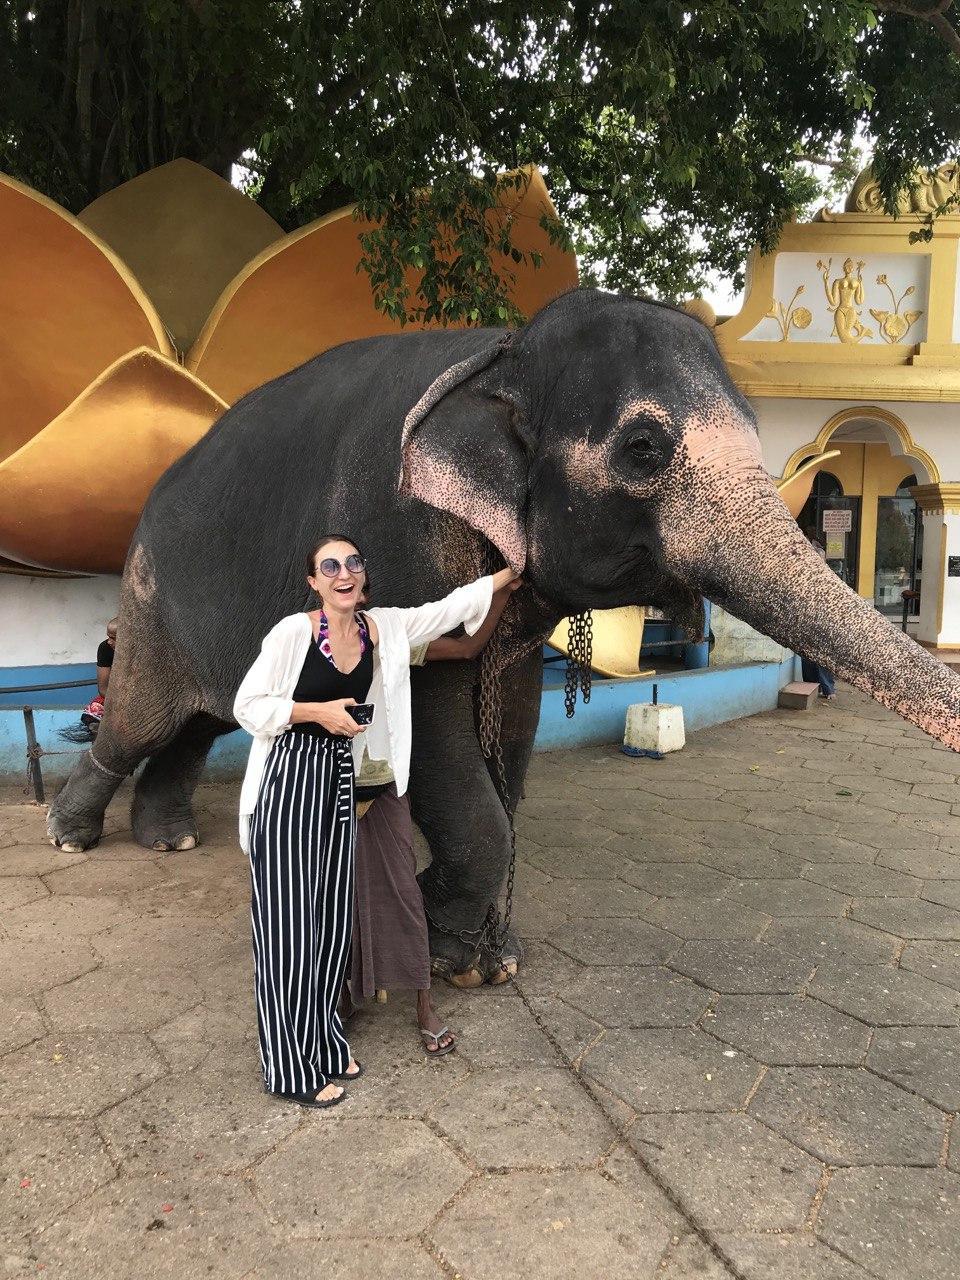 Ощущение детского восторга: слон ест прямо с рук / Фото Вероника Кордон